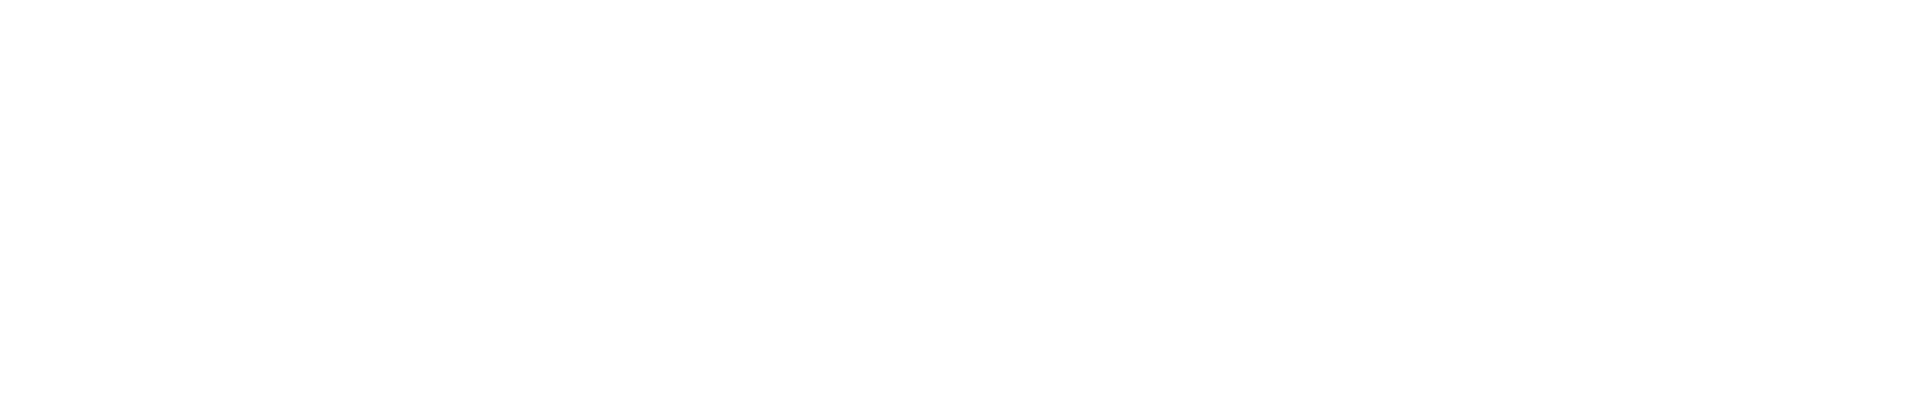 waves-branco.png